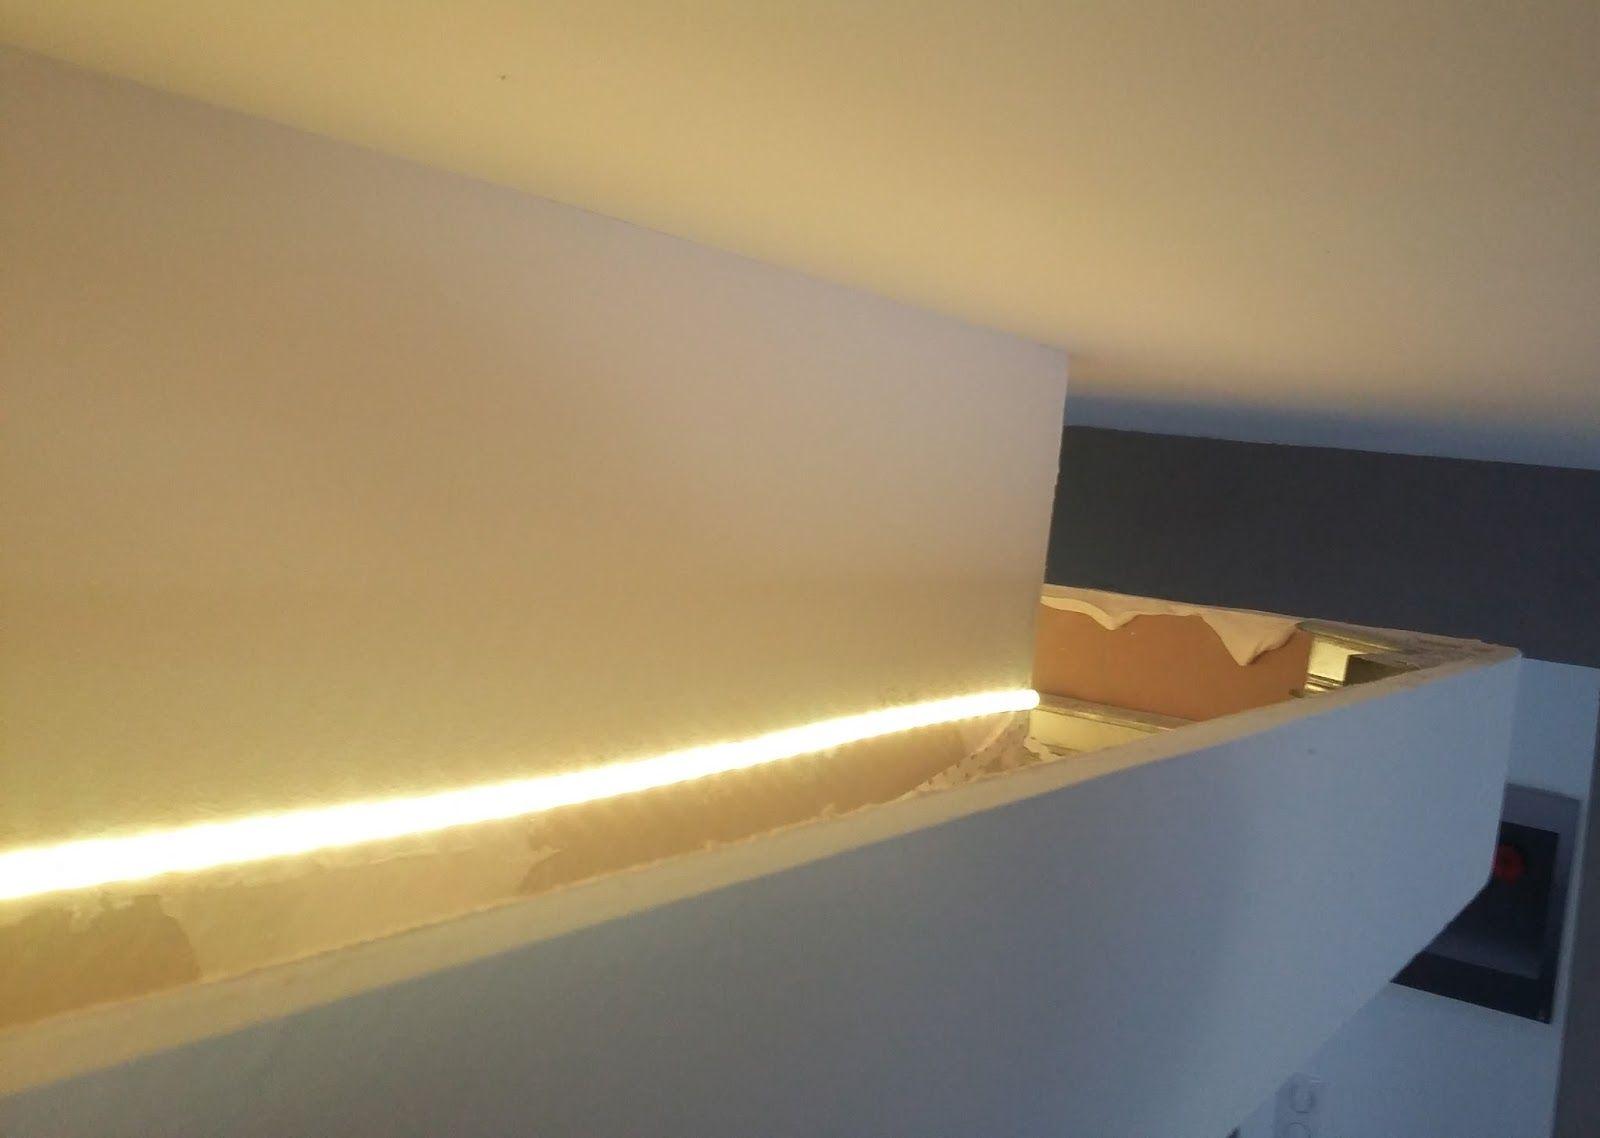 Bandeau Led Encastrable Plafond eclairage led faux plafond | faux plafond, eclairage led